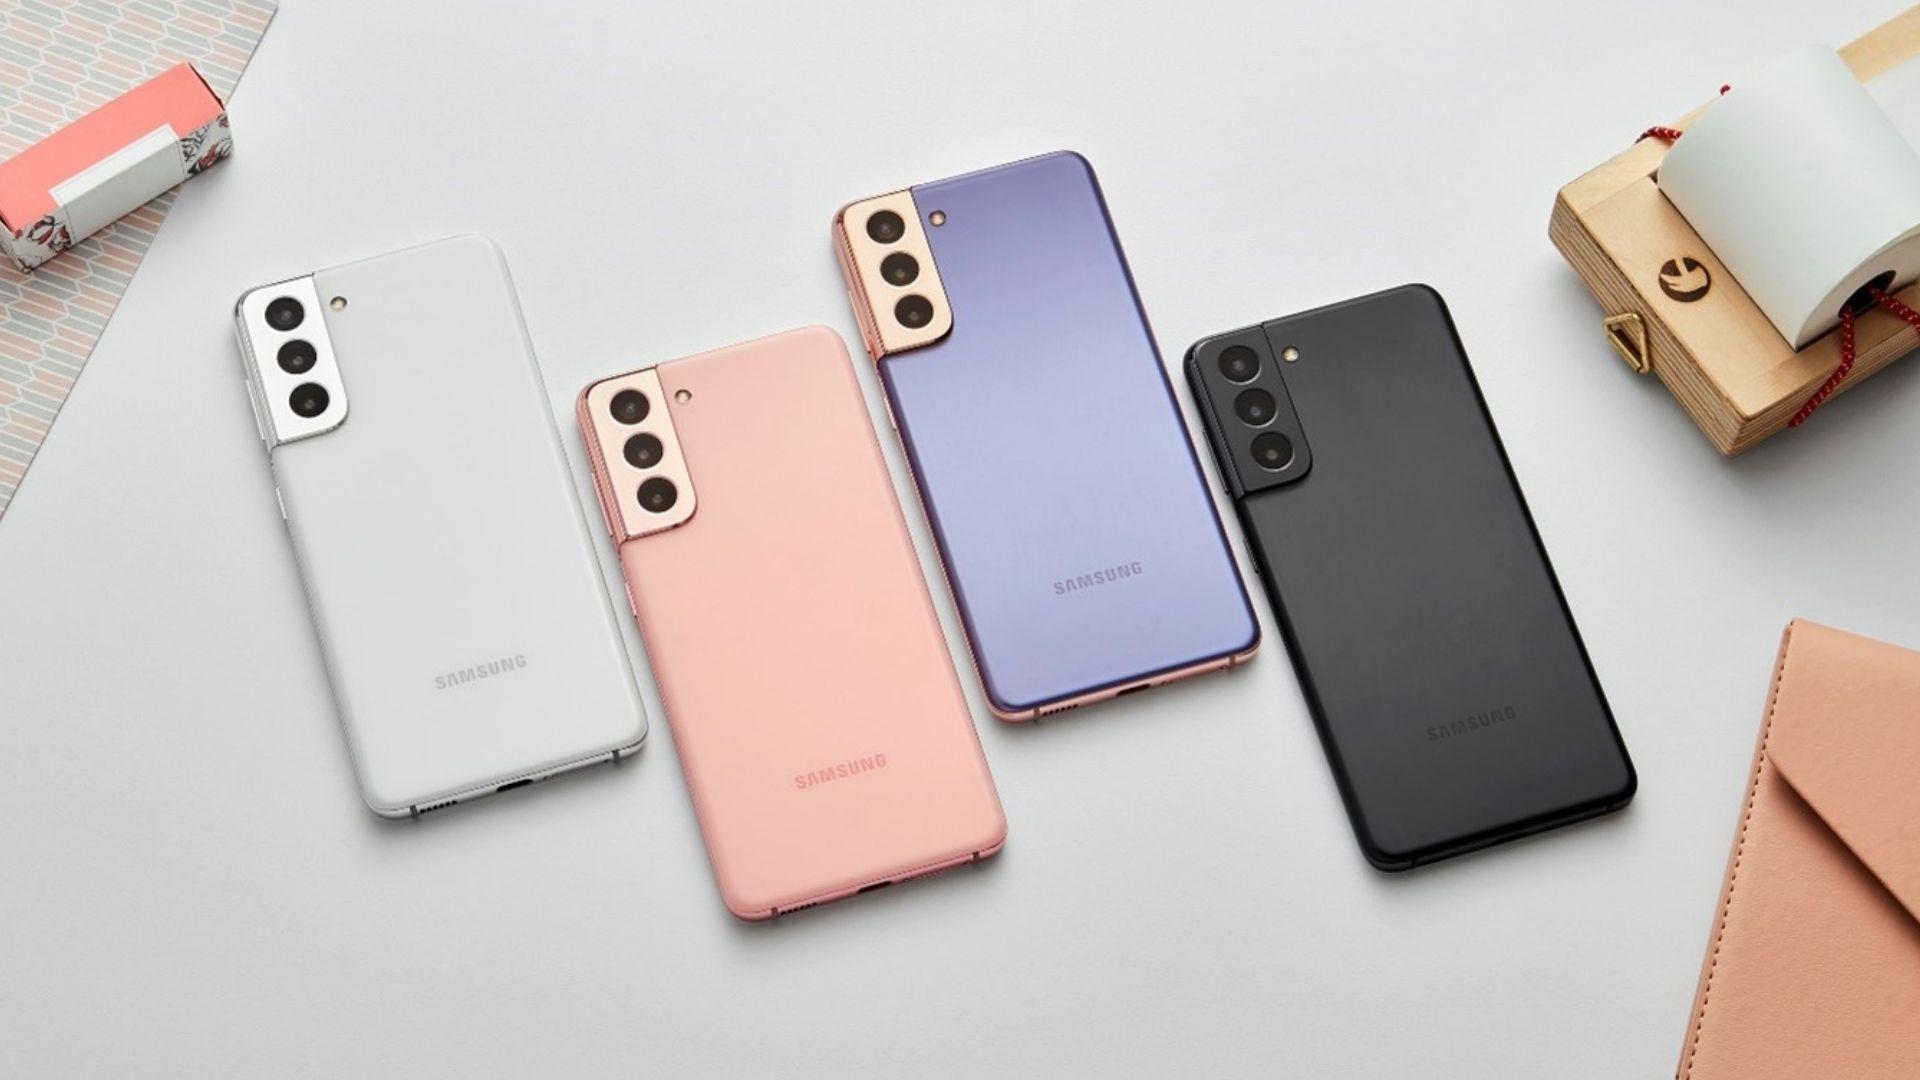 Preços do Galaxy S21 começam em R$ 5.999 (Foto: Divulgação/Samsung)